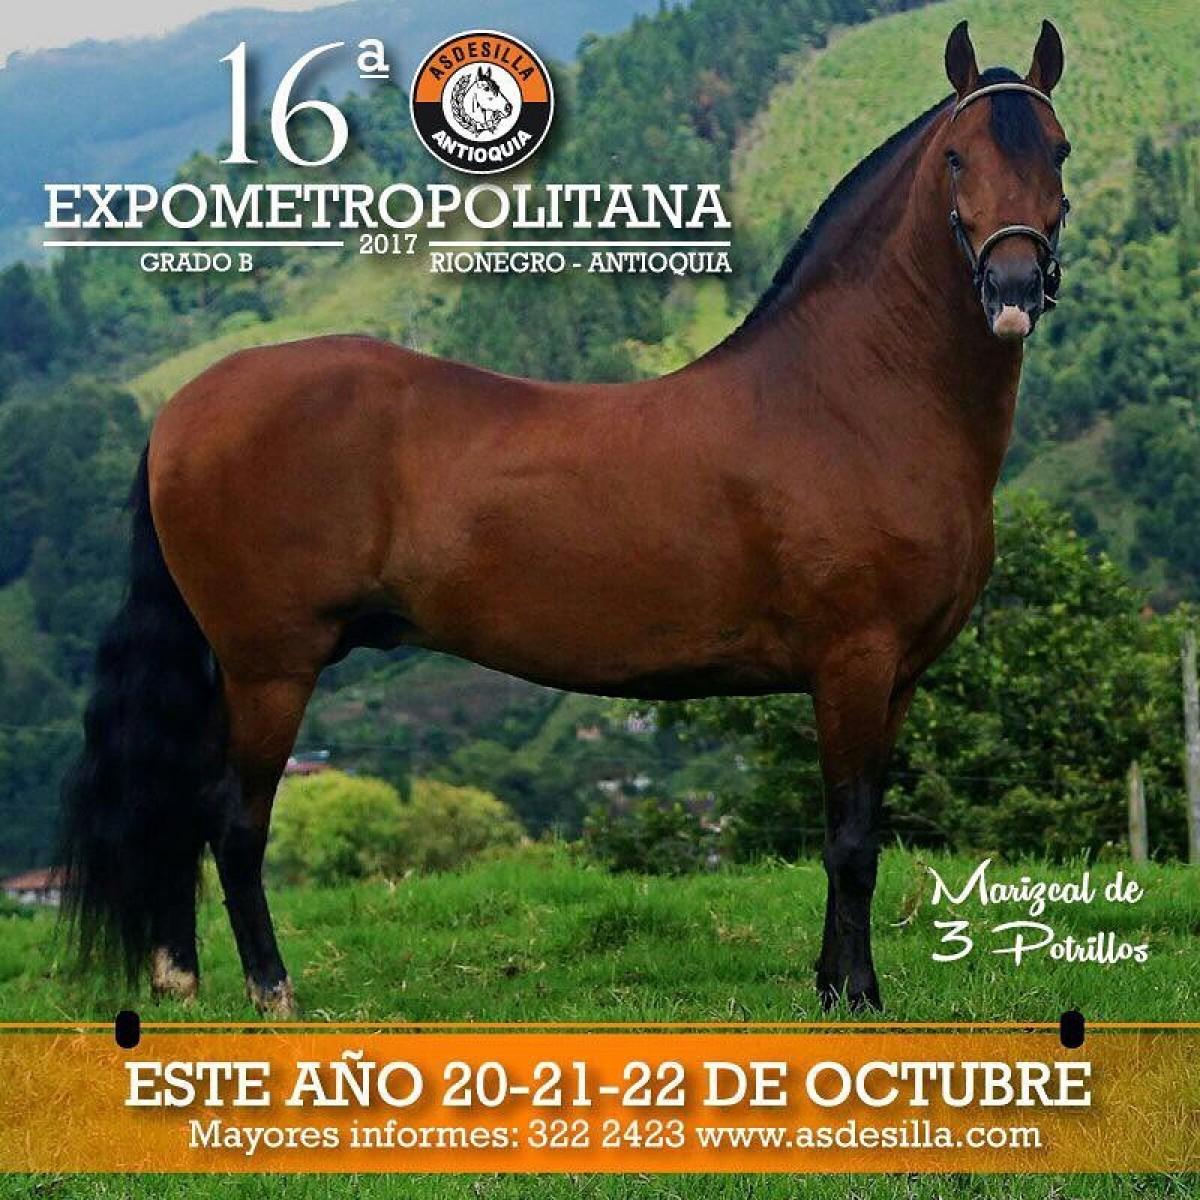 16a Expometropolitana Grado B, Asdesilla , Del 20 al 22 De Octubre